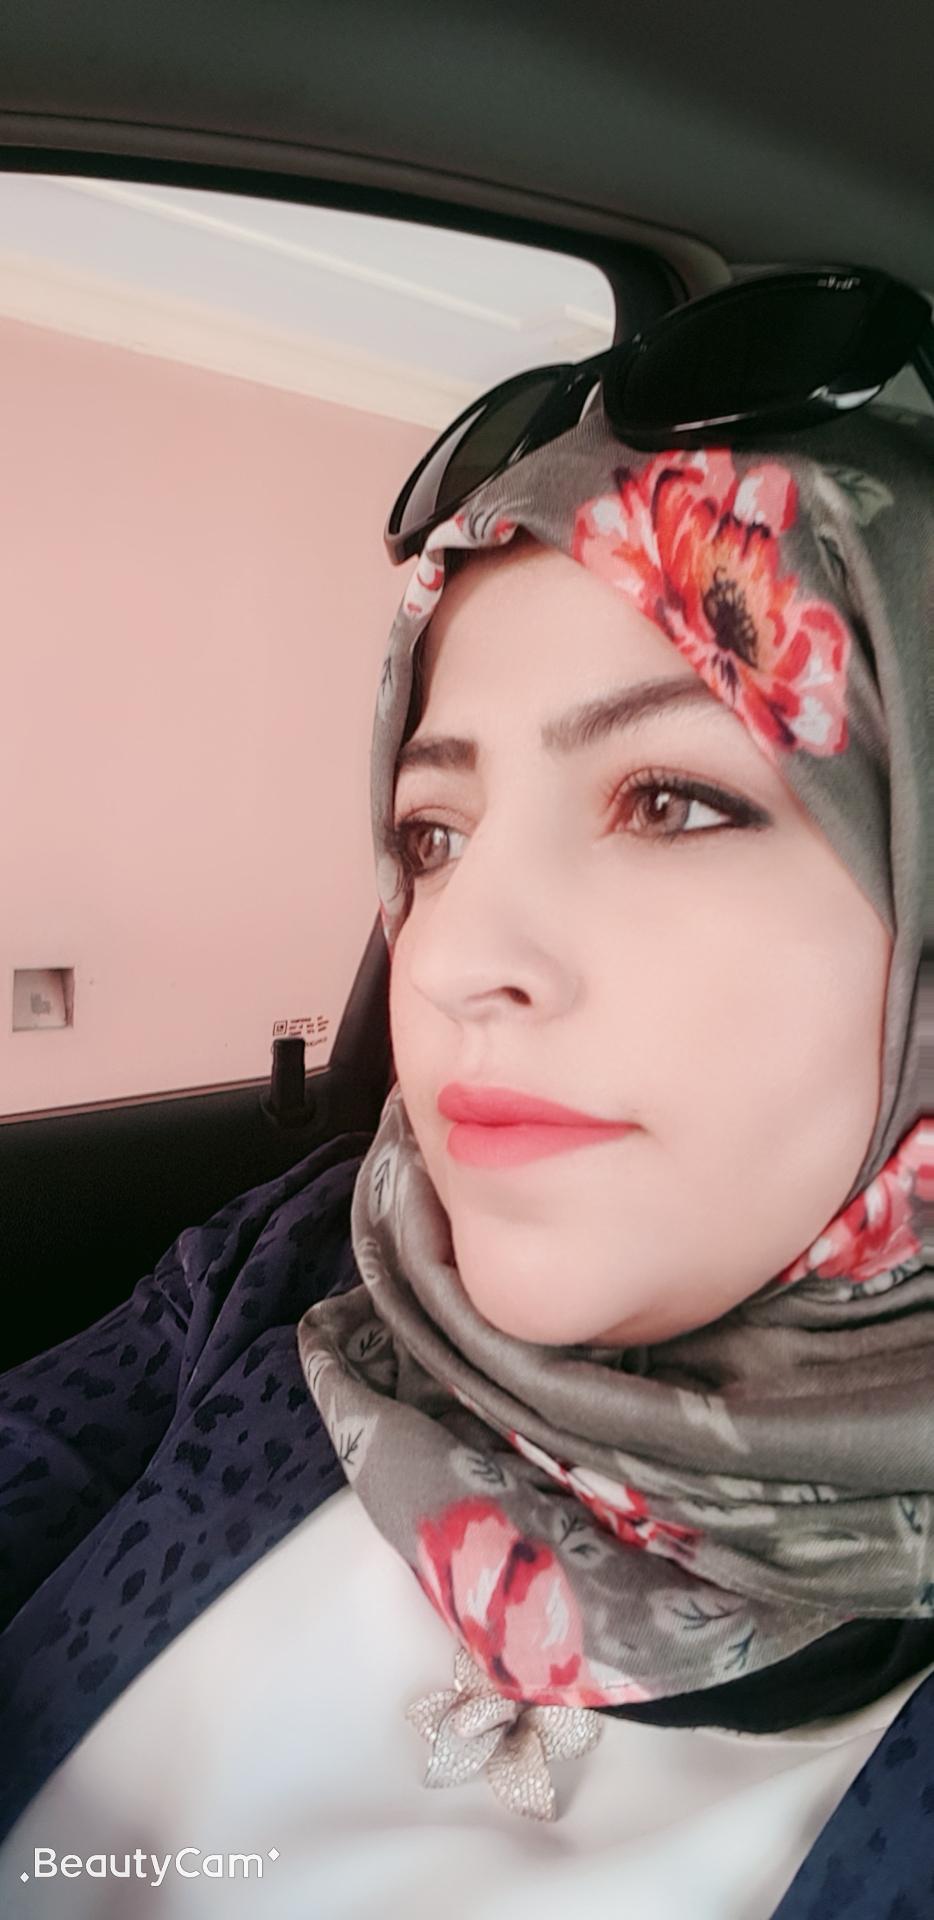 Hajar Mahfoodh